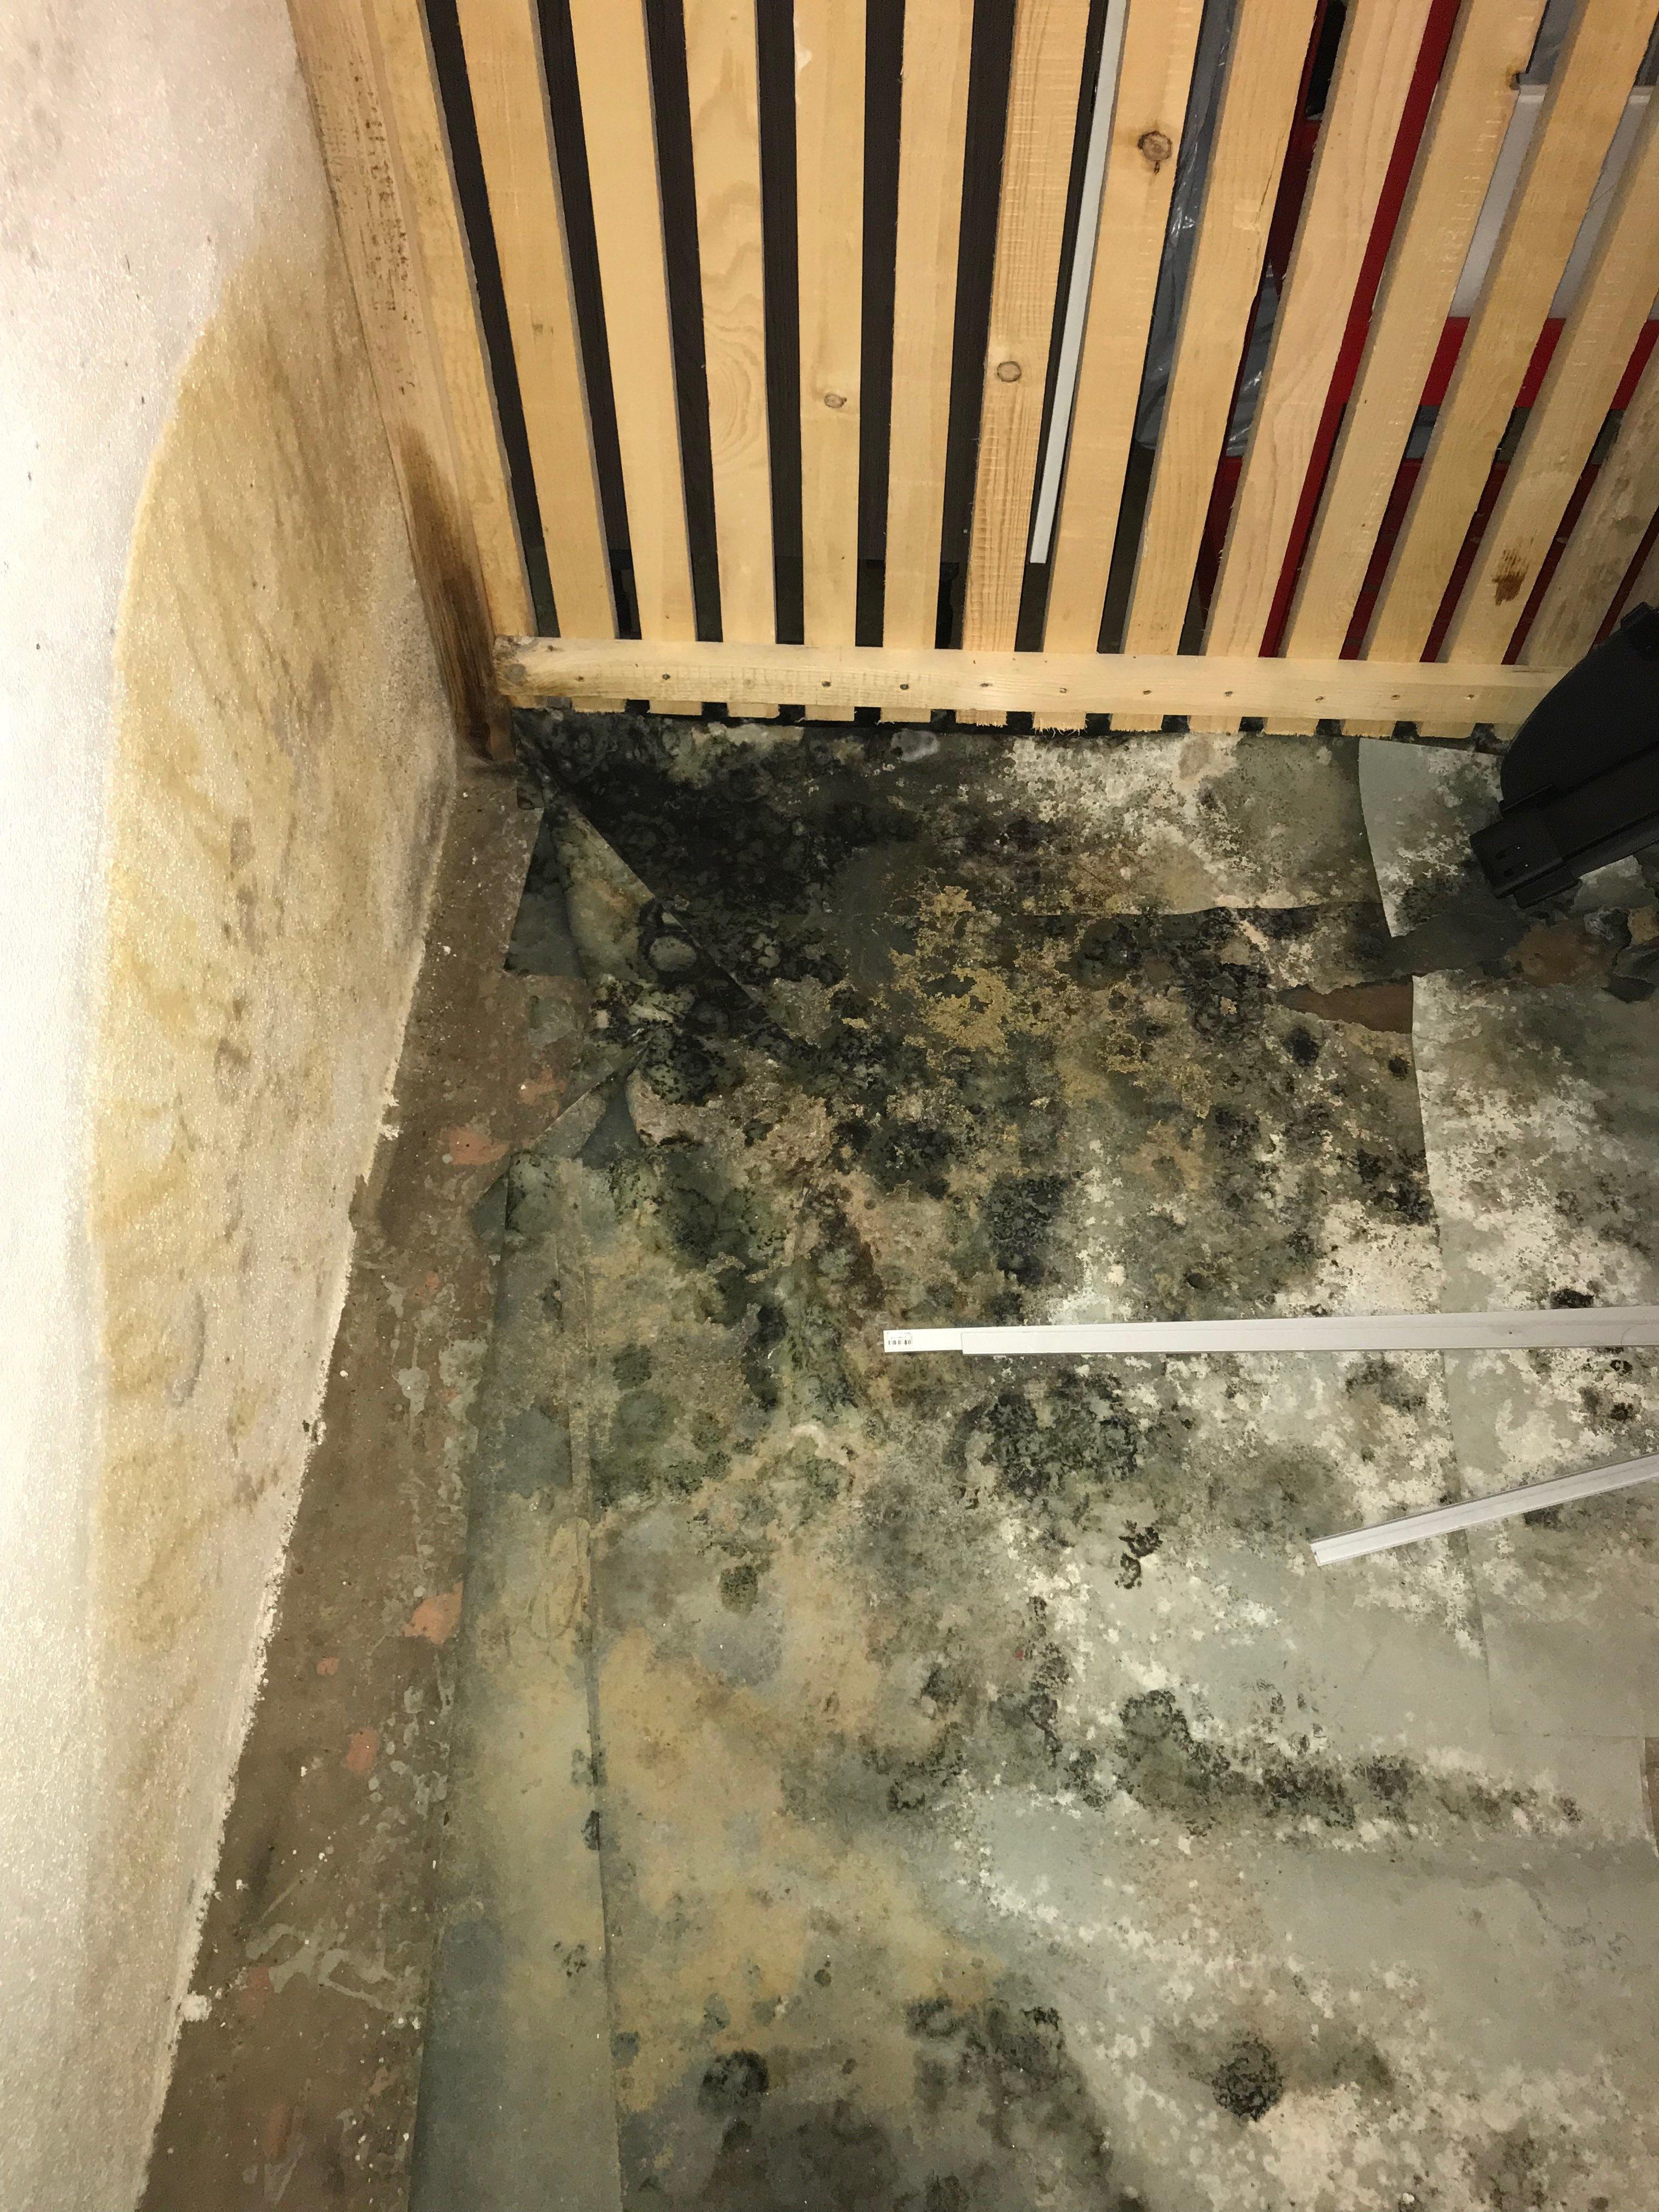 mietminderung bei starker geruchsbel stigung in der wohnung durch schimmel im keller. Black Bedroom Furniture Sets. Home Design Ideas